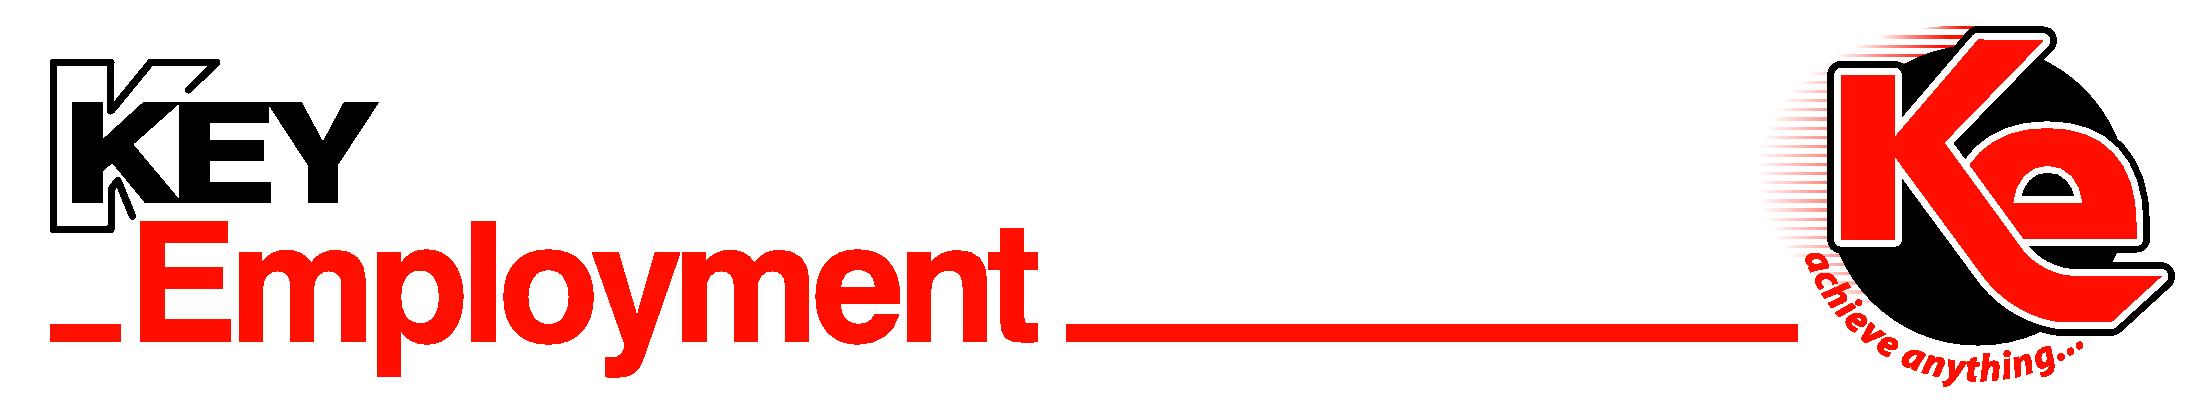 Key_Employment